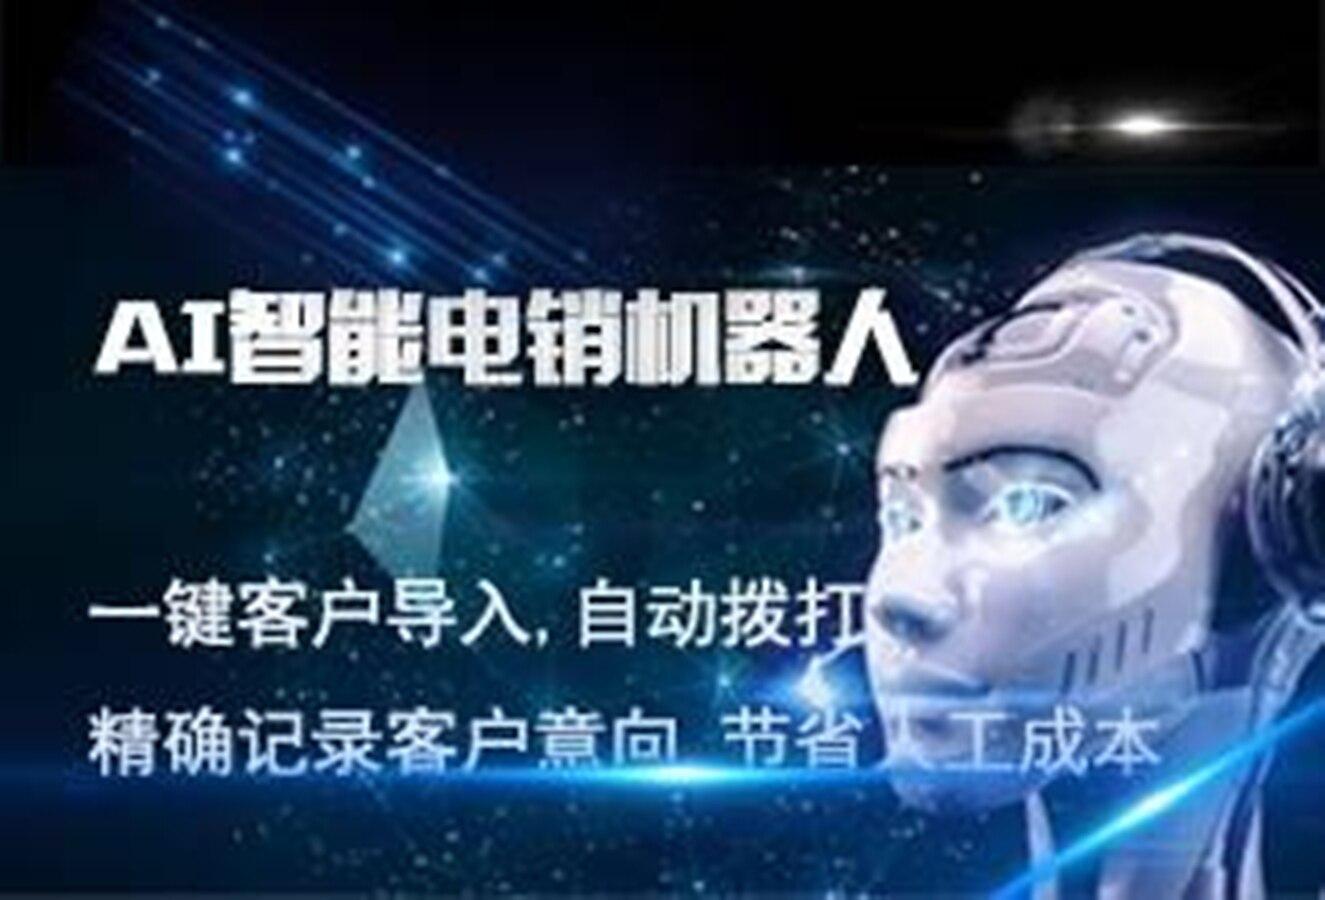 一元源码:AI电销机器人智能语音系统